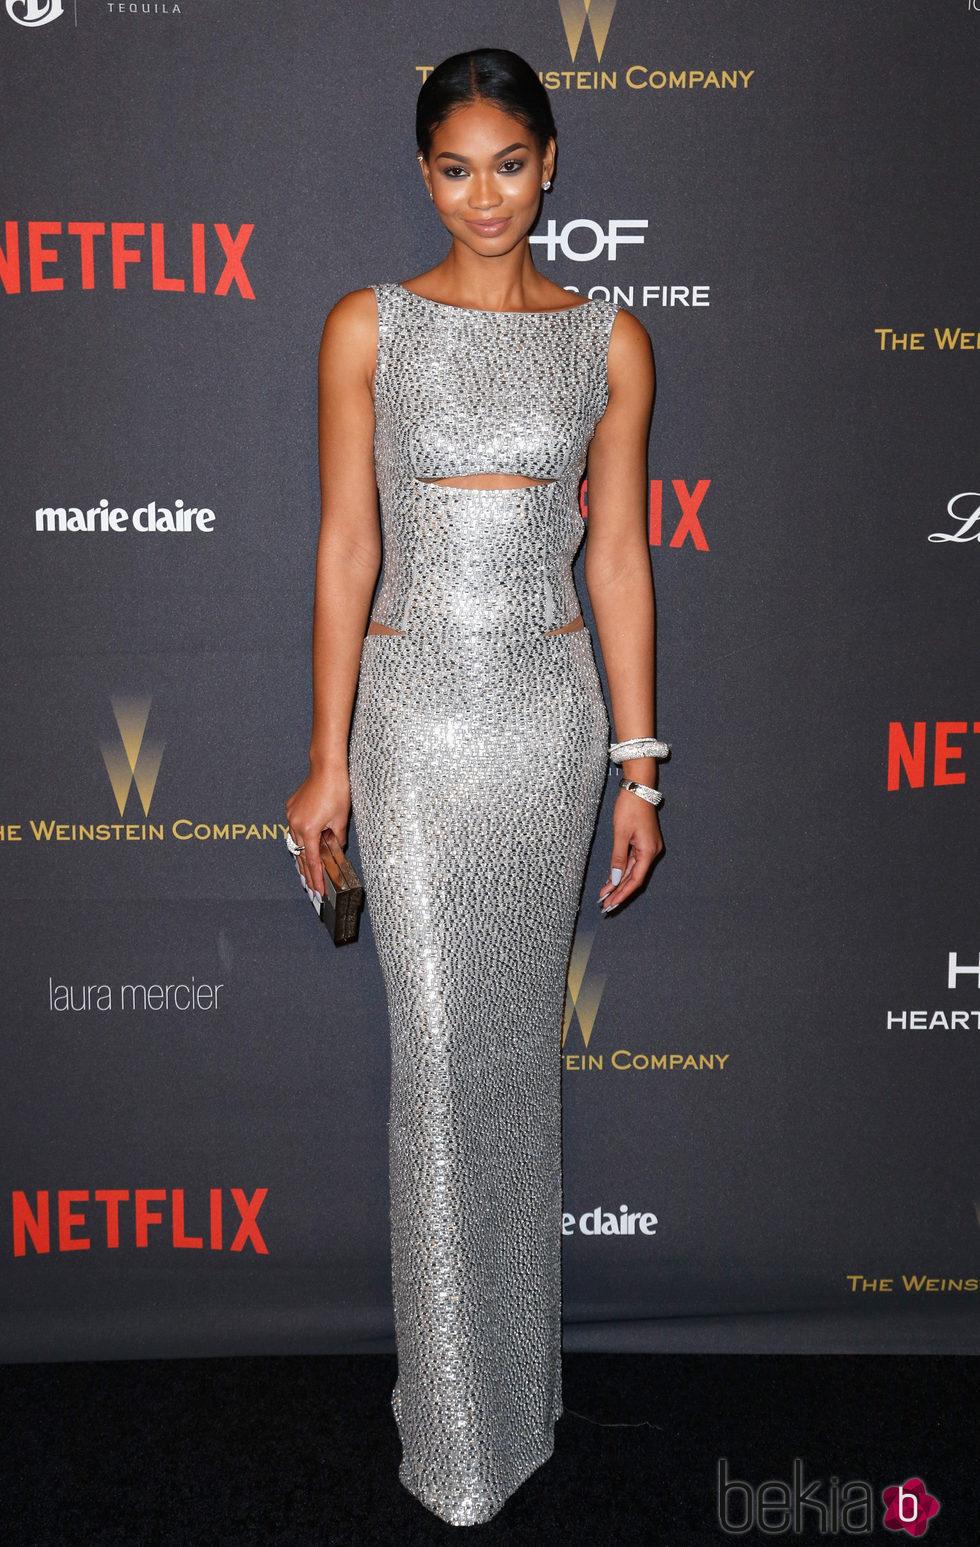 Chanel Iman en la fiesta de Netflix tras la entrega de los Globos de Oro 2016